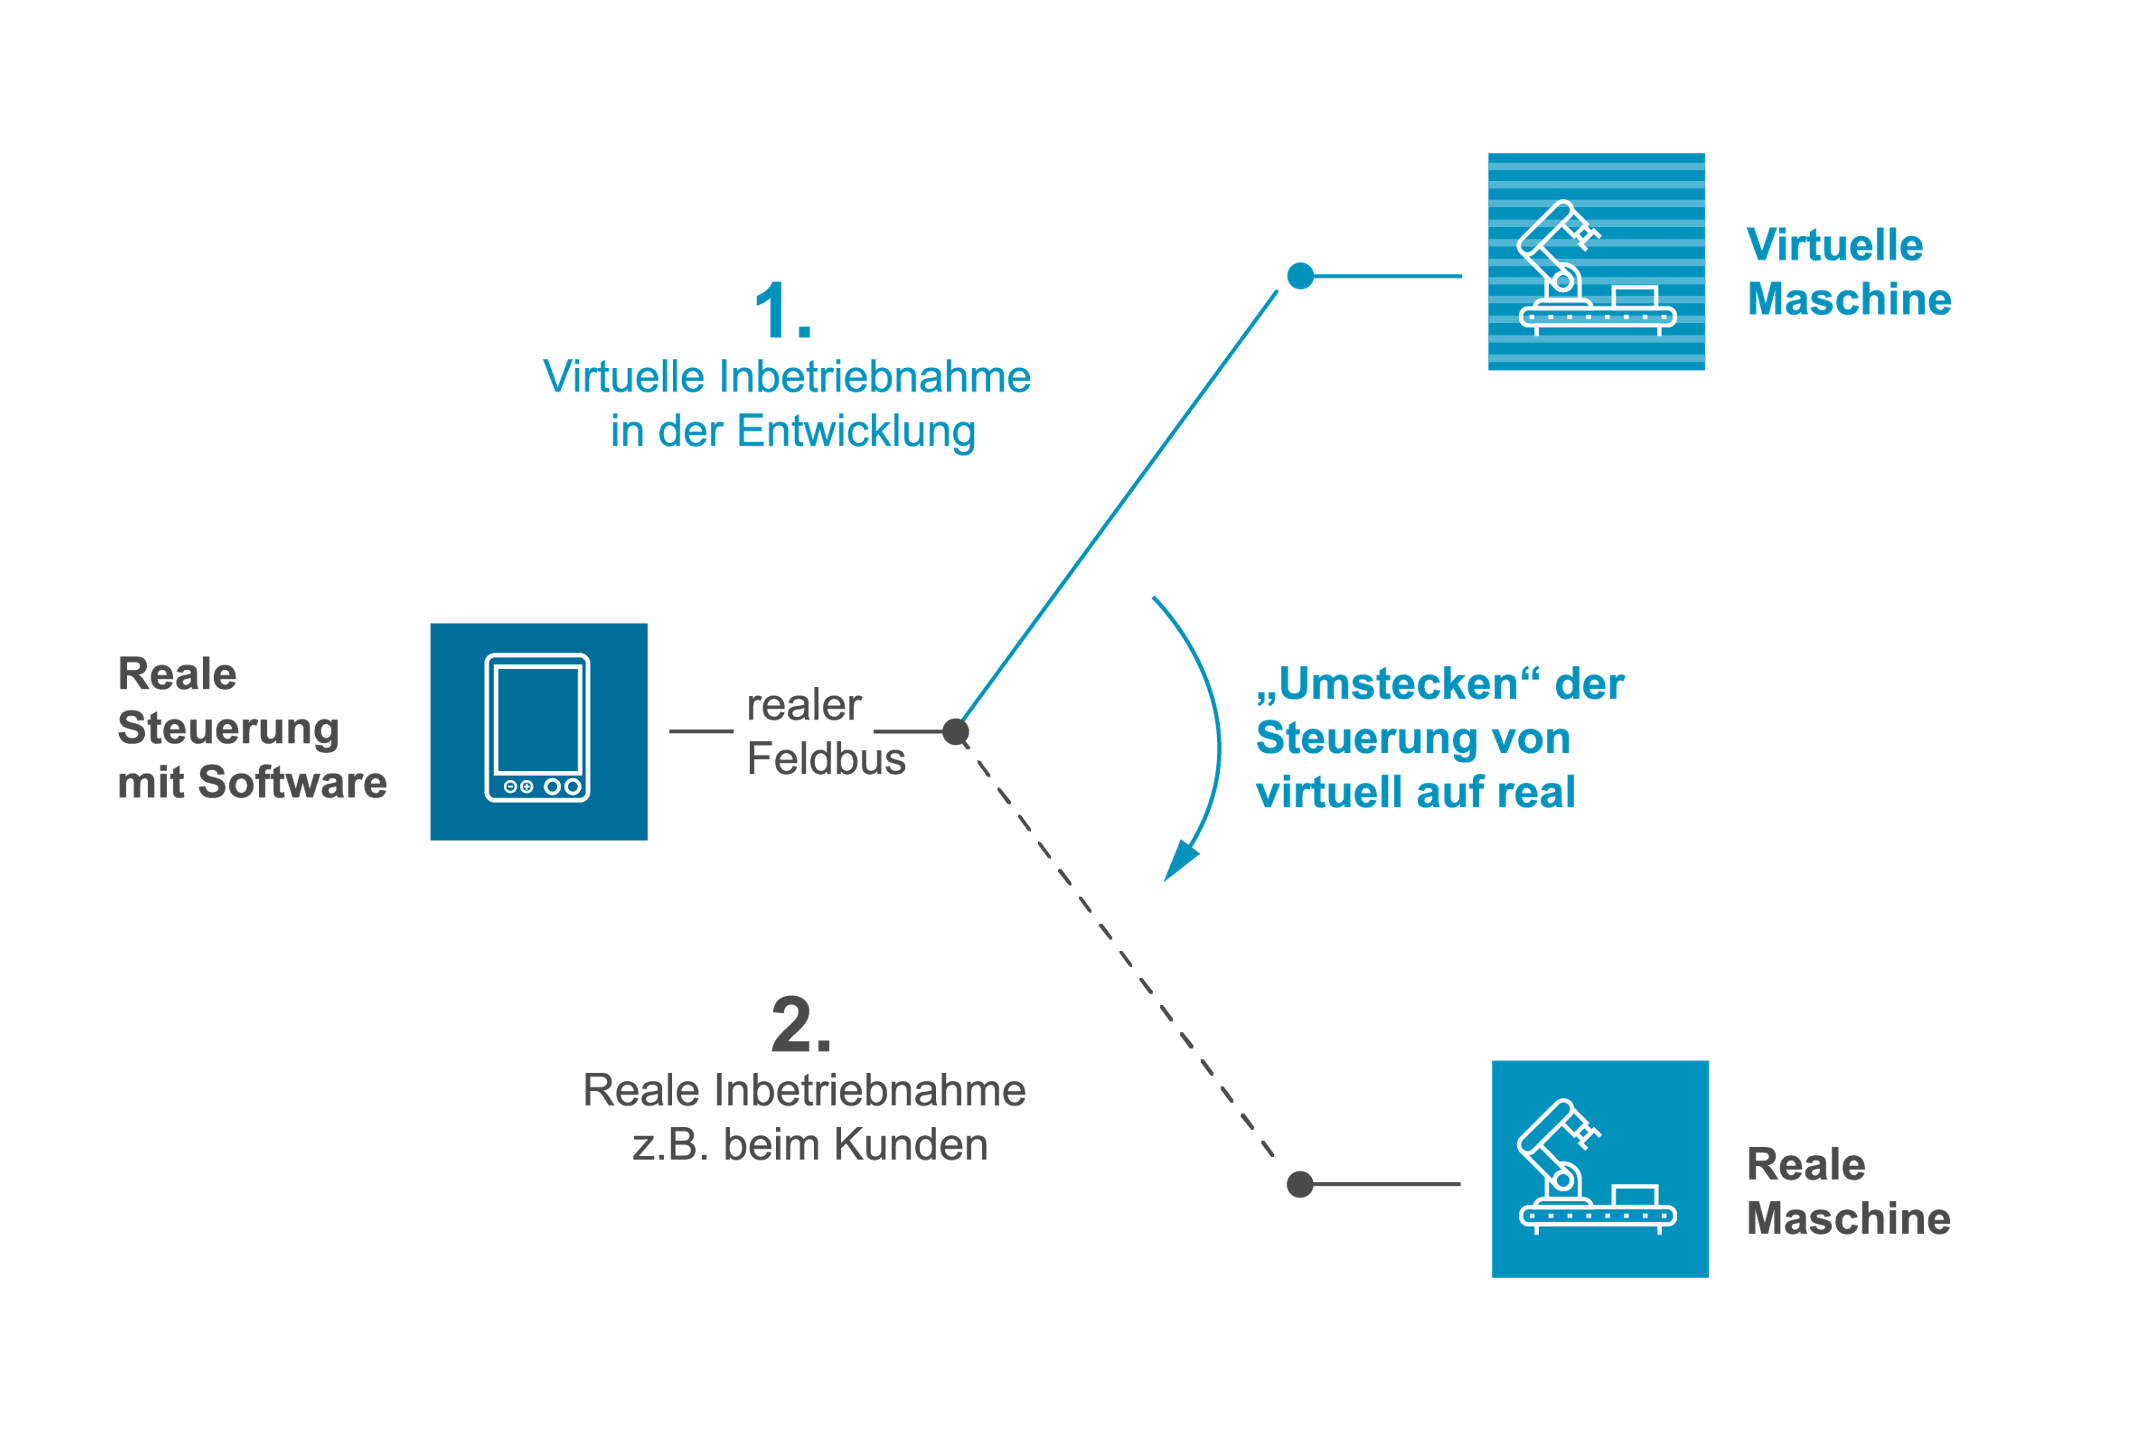 Grafik zeigt Ablauf einer virtuellen Inbetriebnahme